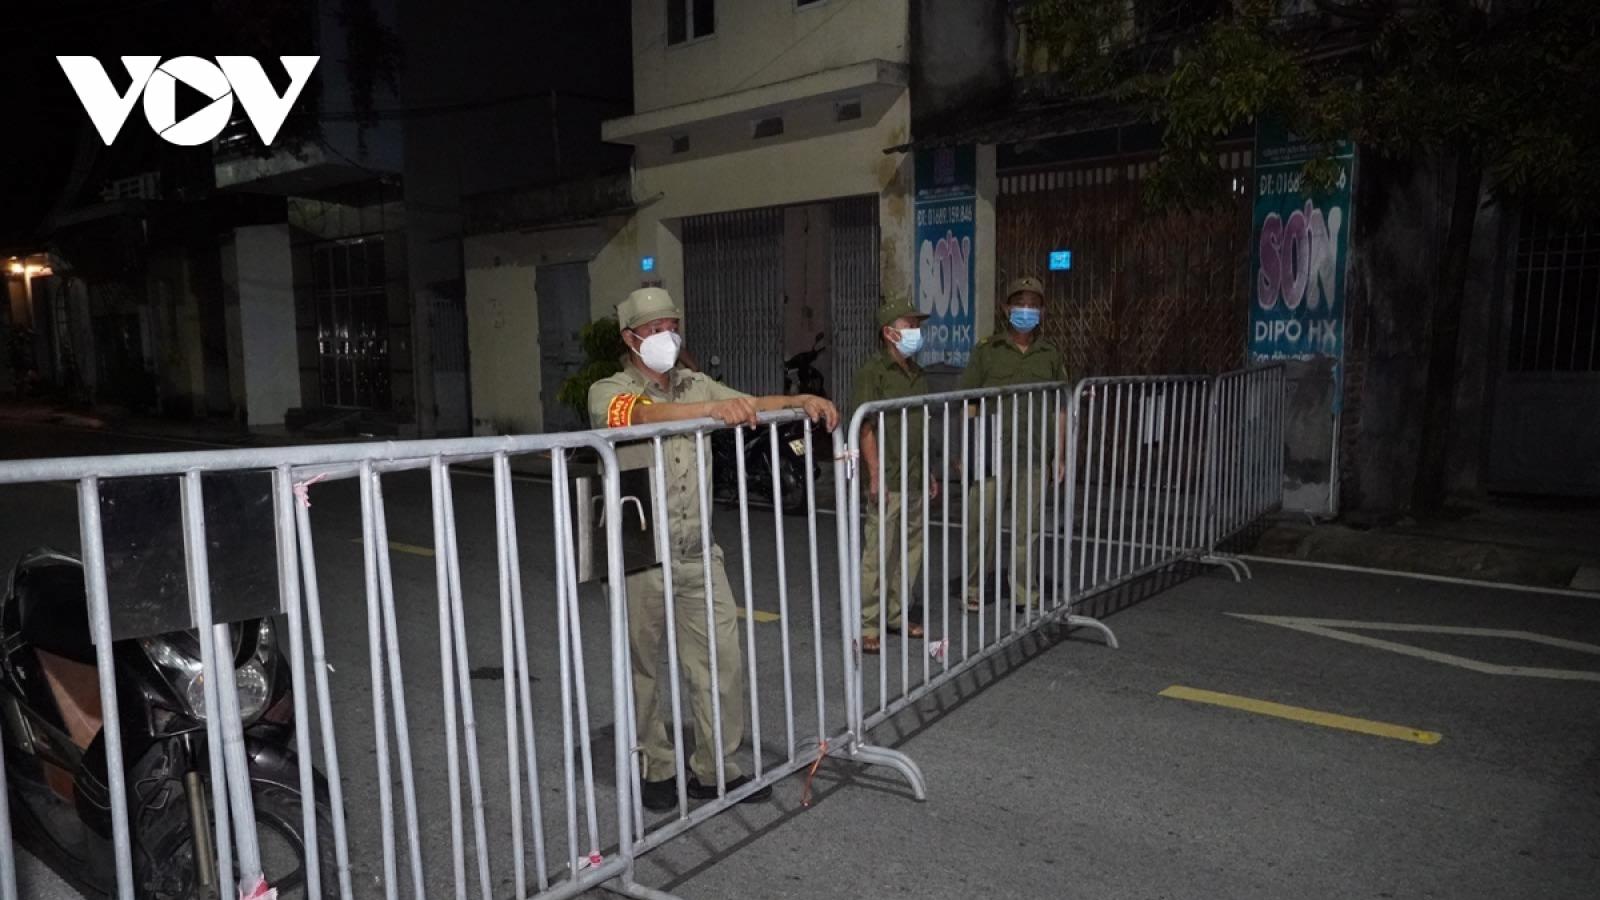 Thành phố Hải Dương yêu cầu người dân chỉ ra đường khi thật sự cần thiết